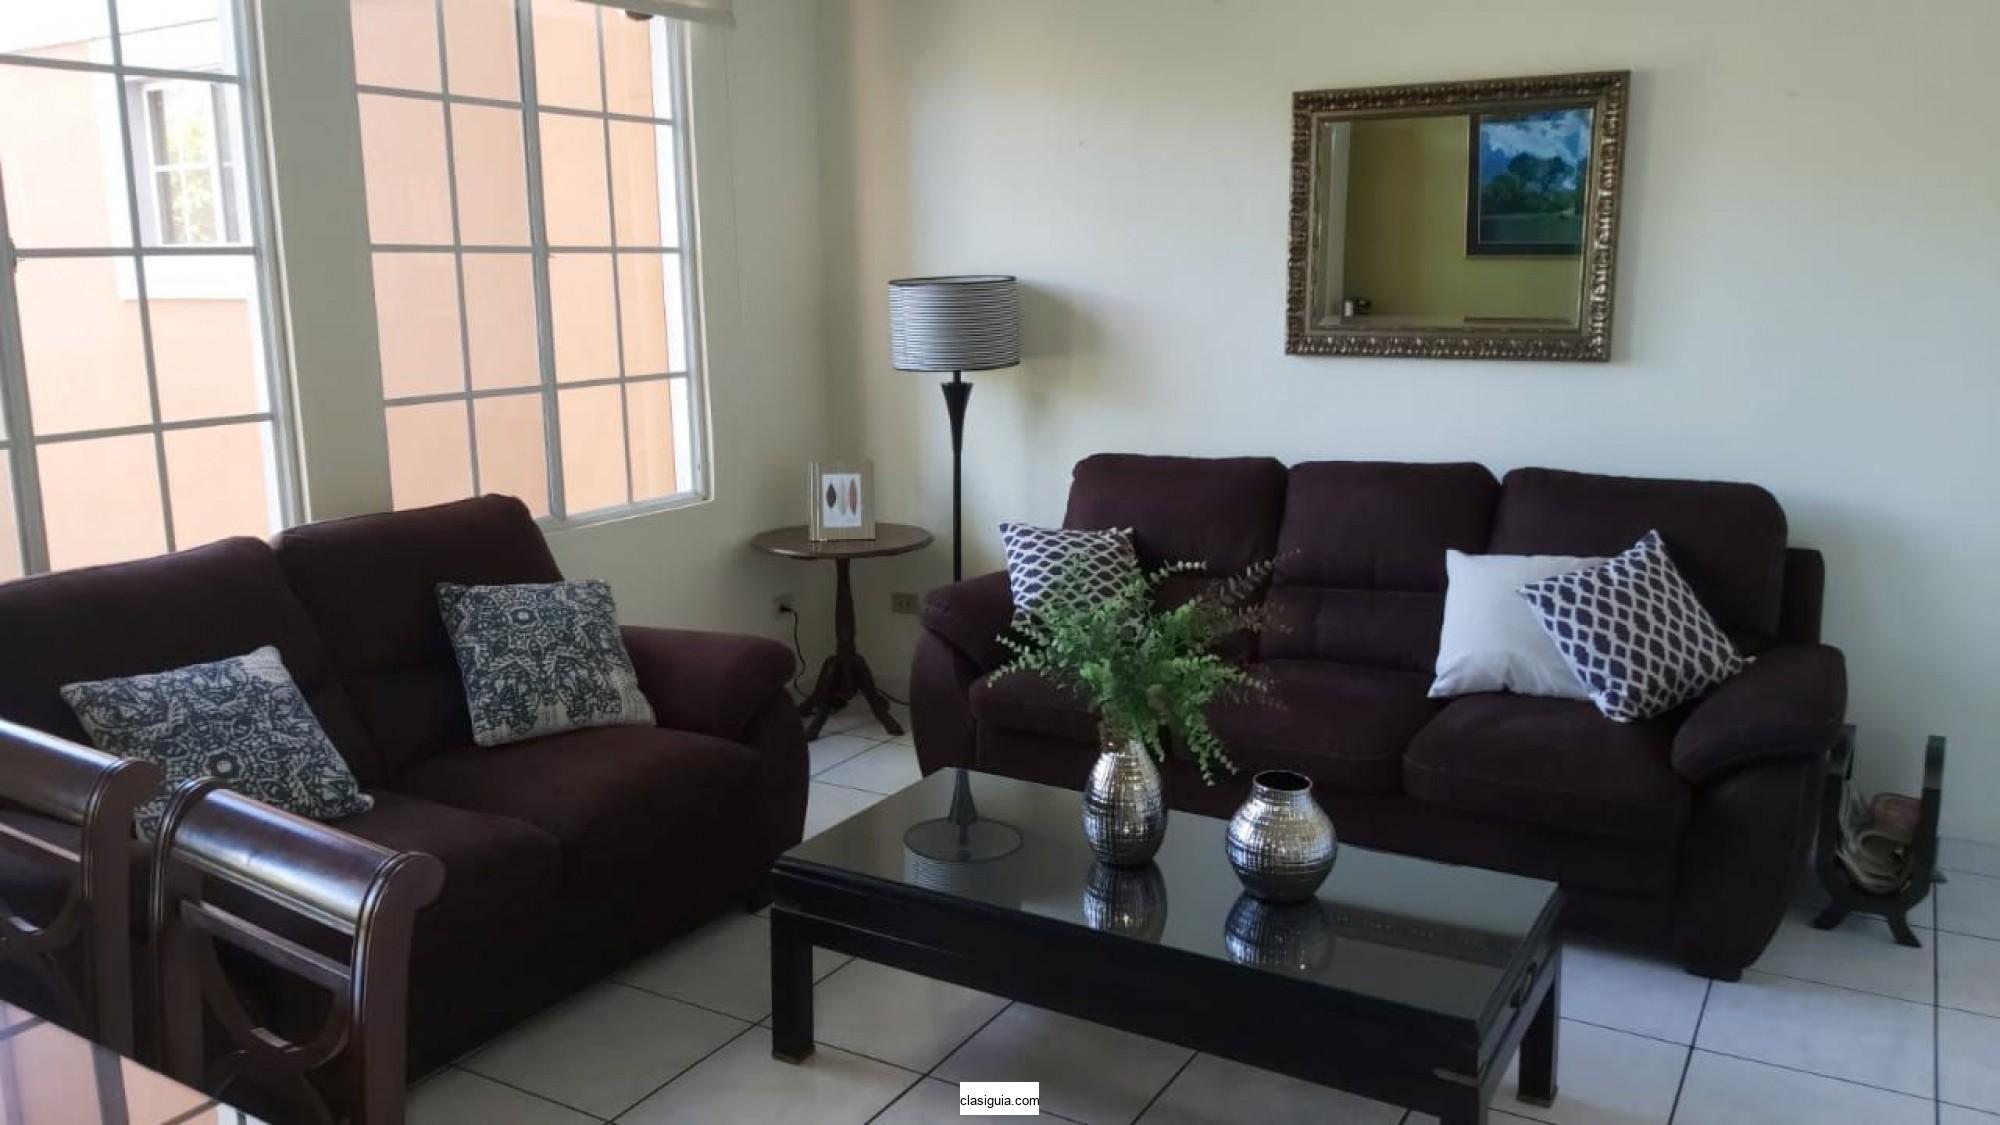 ALQUILO APARTAMENTO BOSQUES DE SAN BENITO, AMUEBLADO, sala, comedor, cocina con pantries, 3 habitaciones